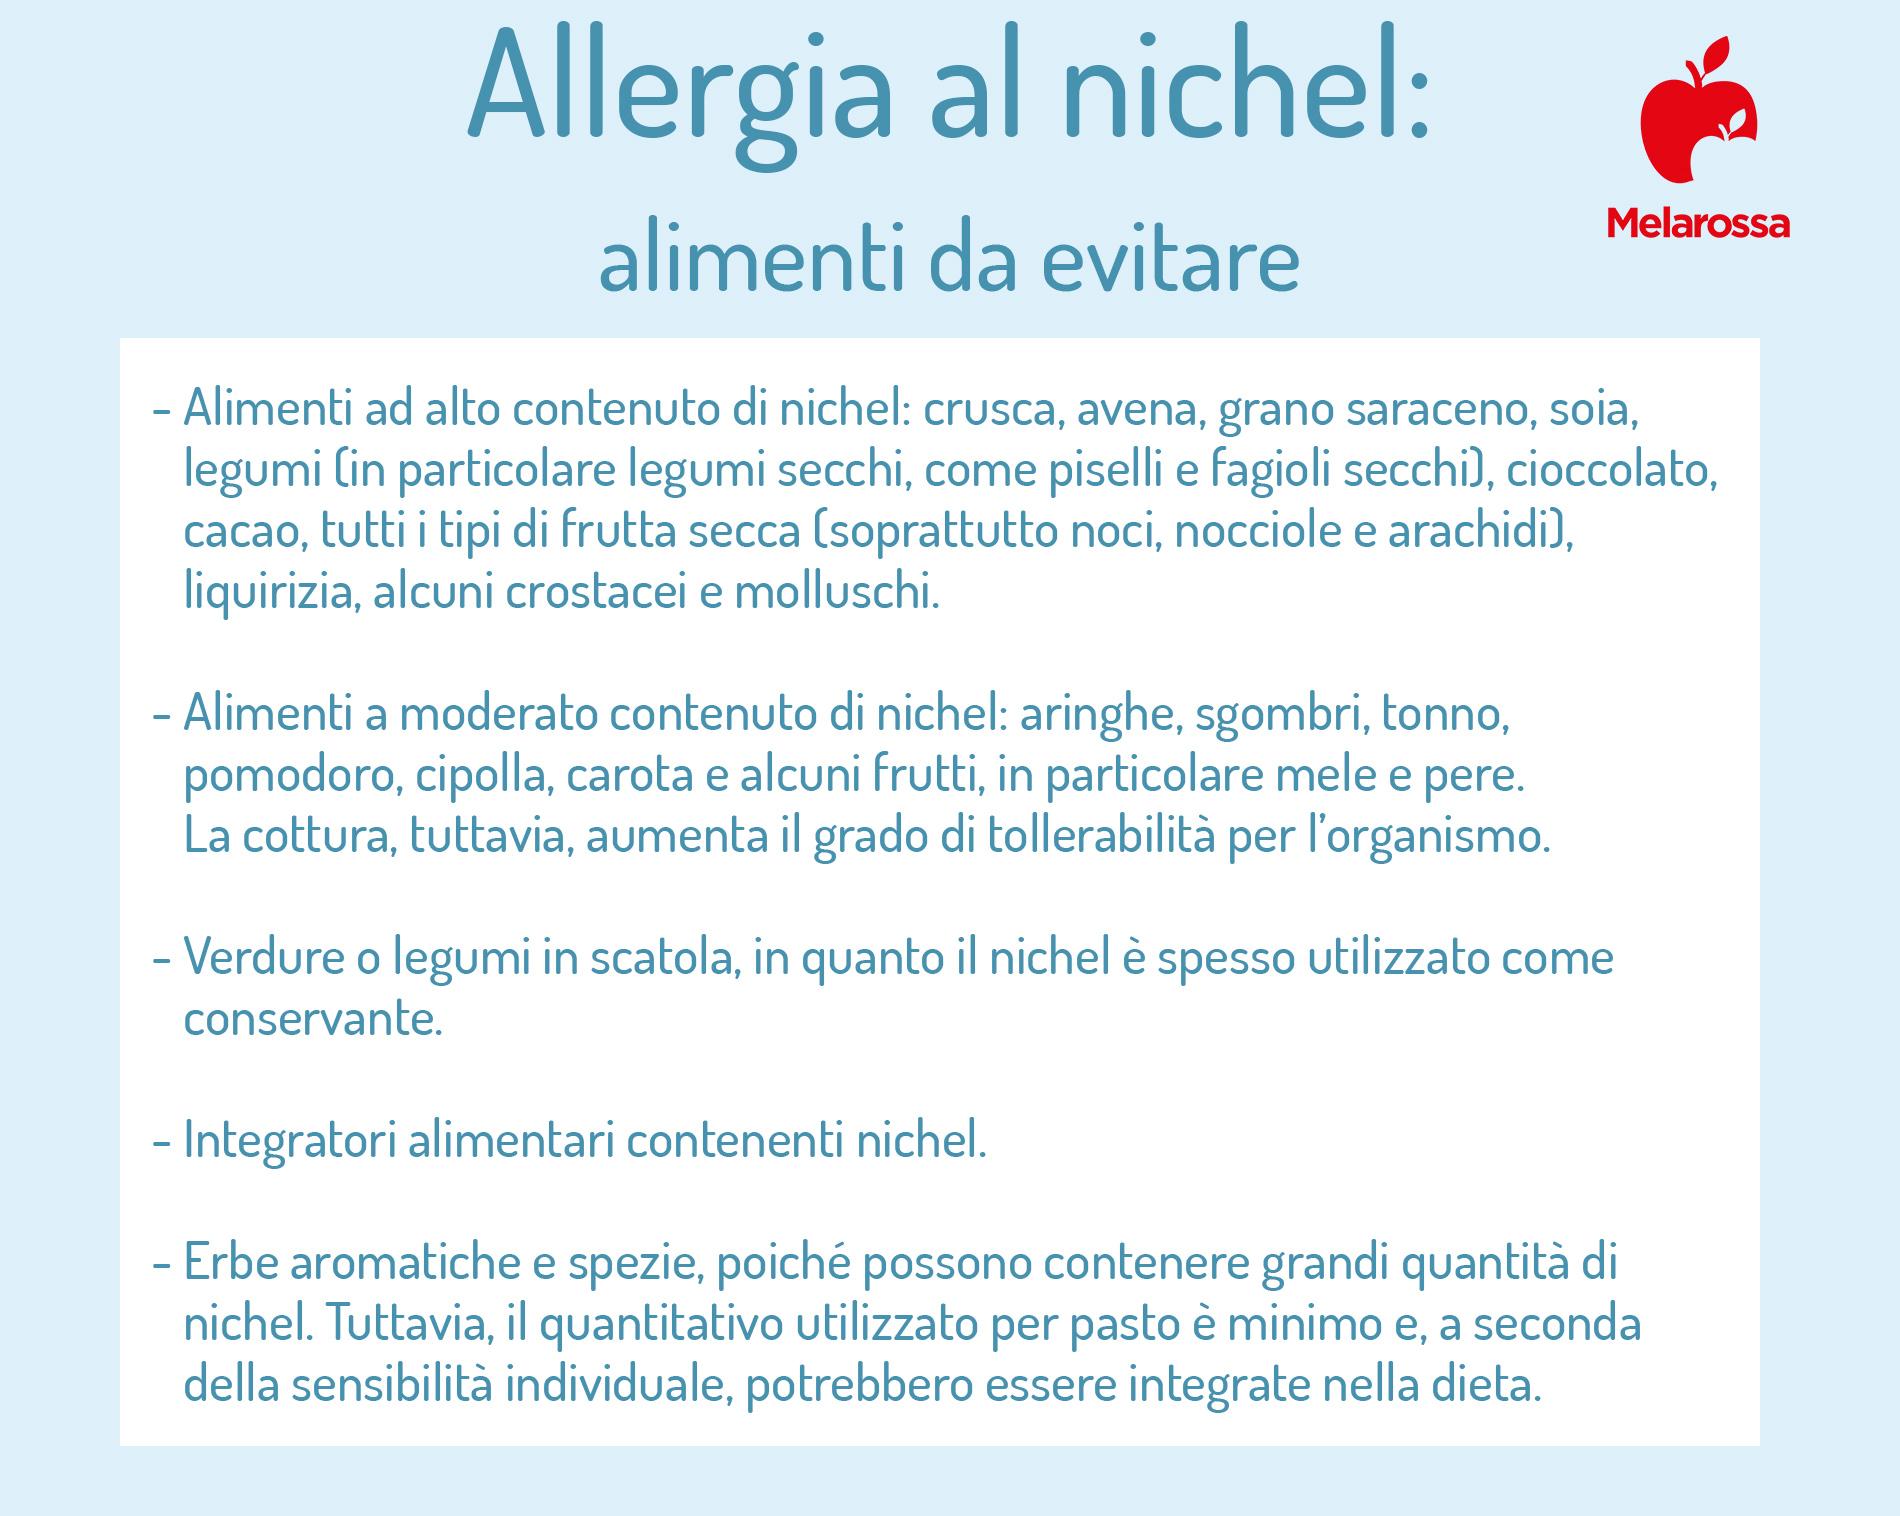 allergia al nichel e disidrosi: alimenti da evitare